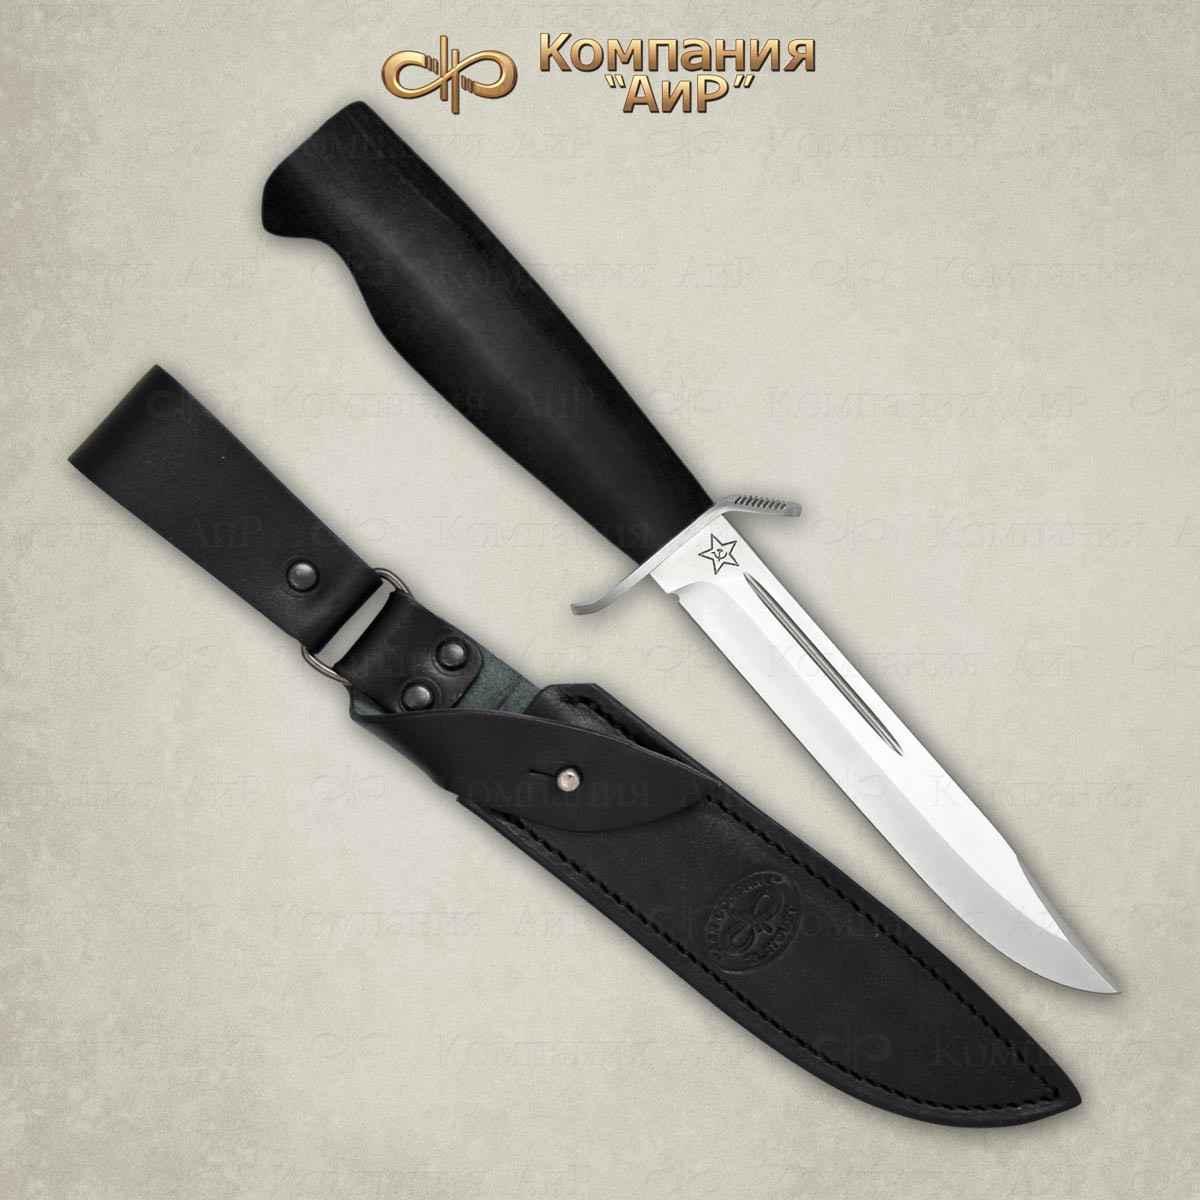 Нож разделочный АиР Штрафбат, сталь Elmax, рукоять граб